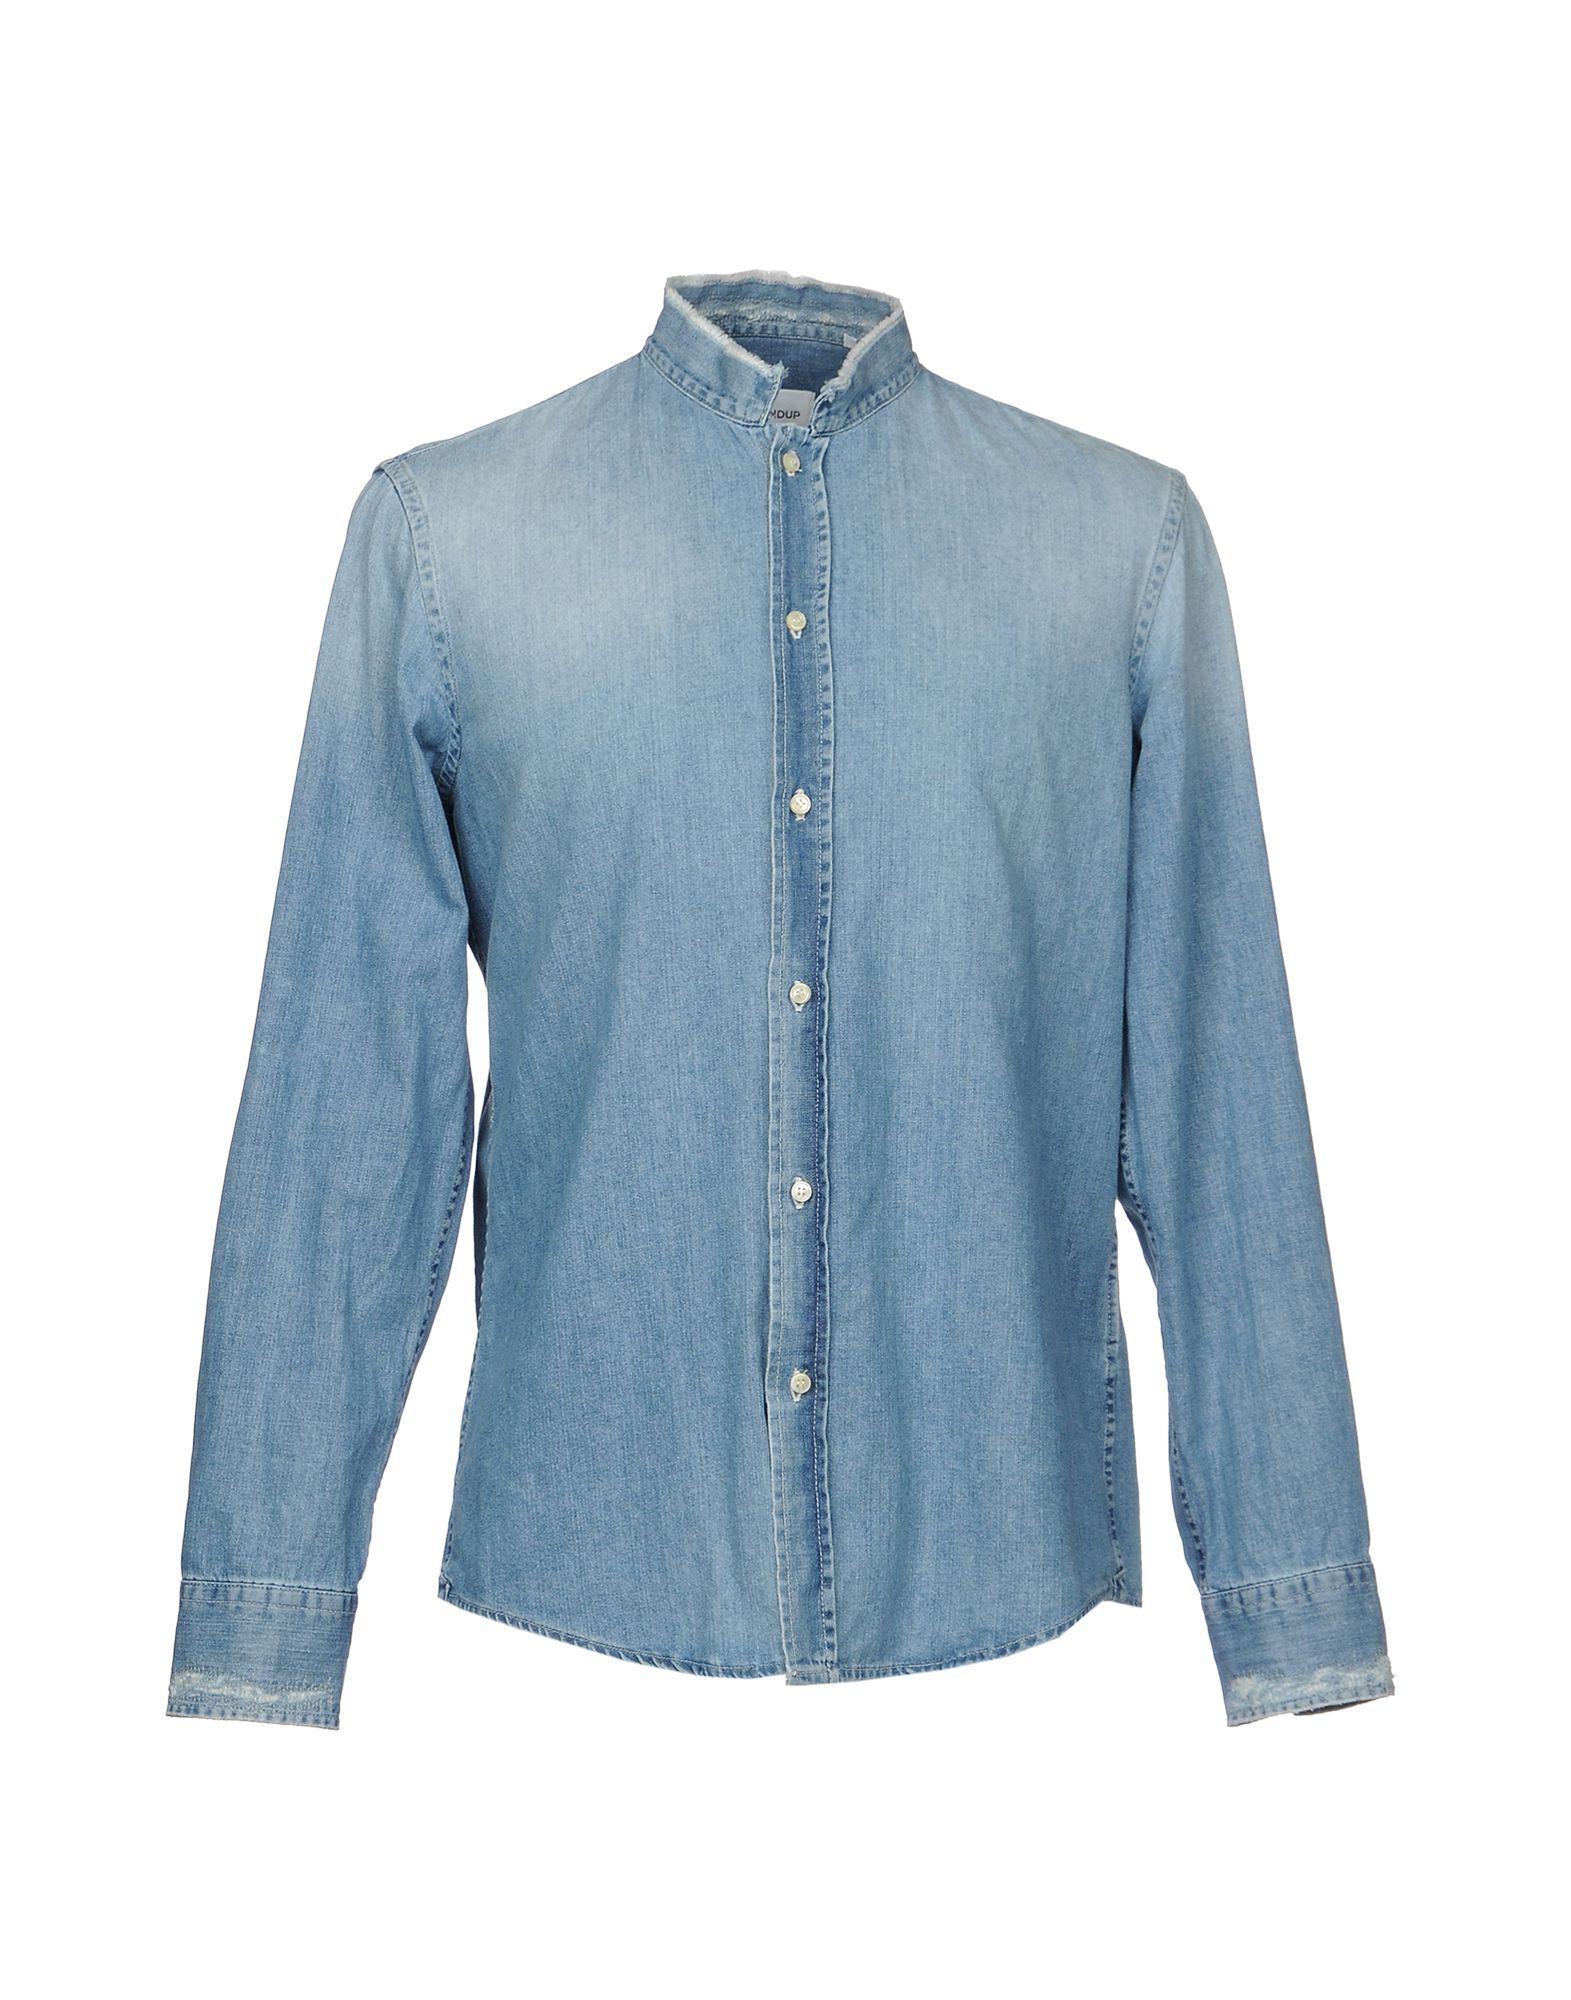 Camicia Jeans Dondup Uomo - Acquista online su